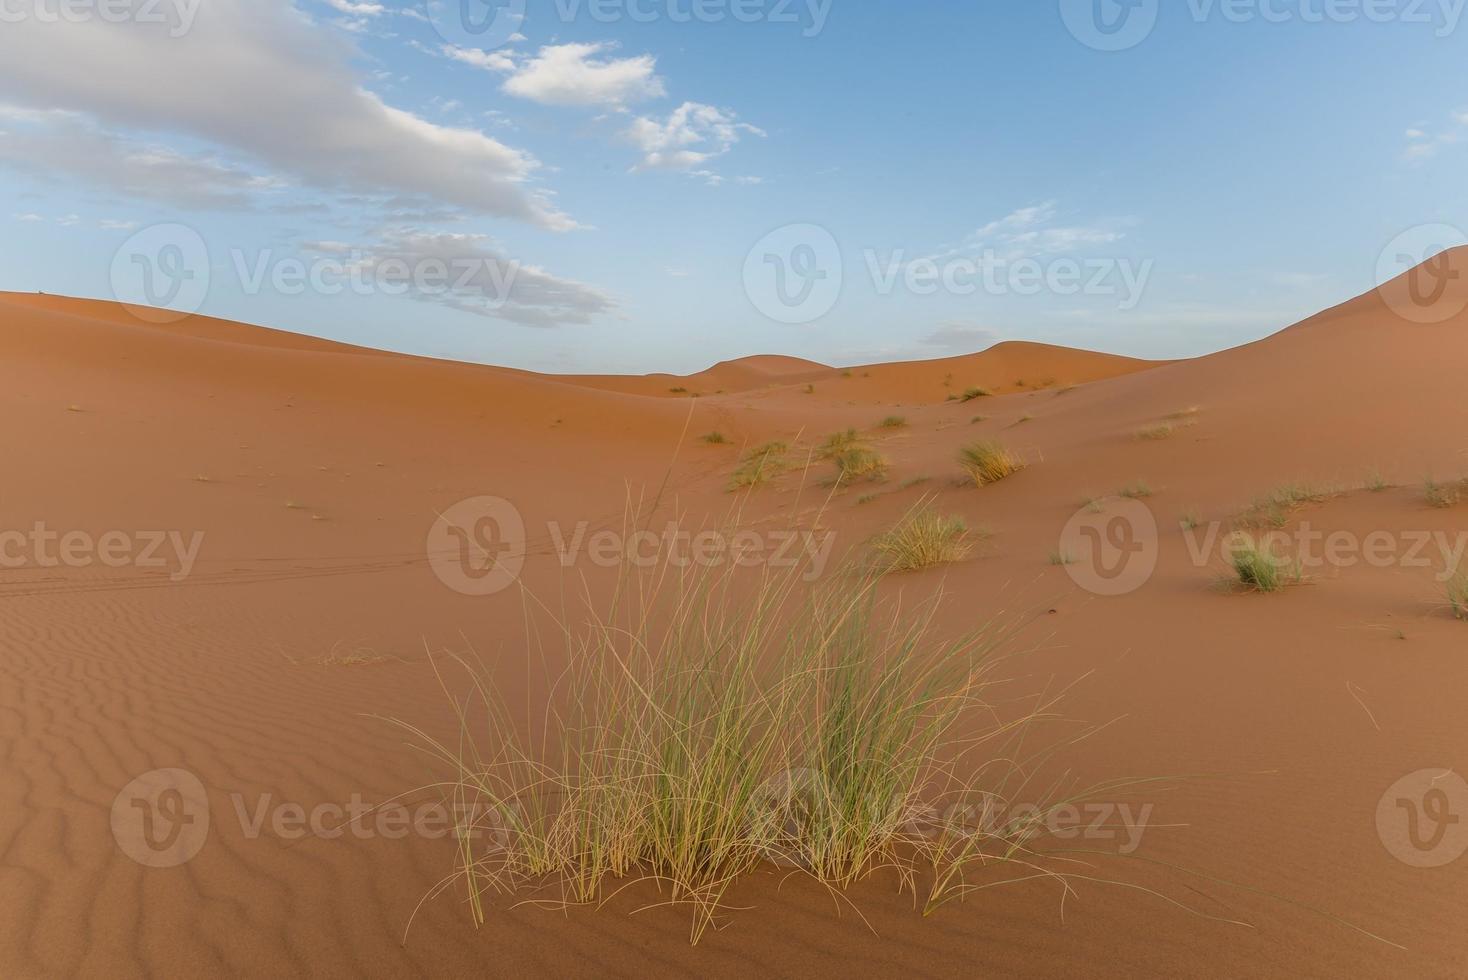 gras in de Marokkaanse woestijn foto